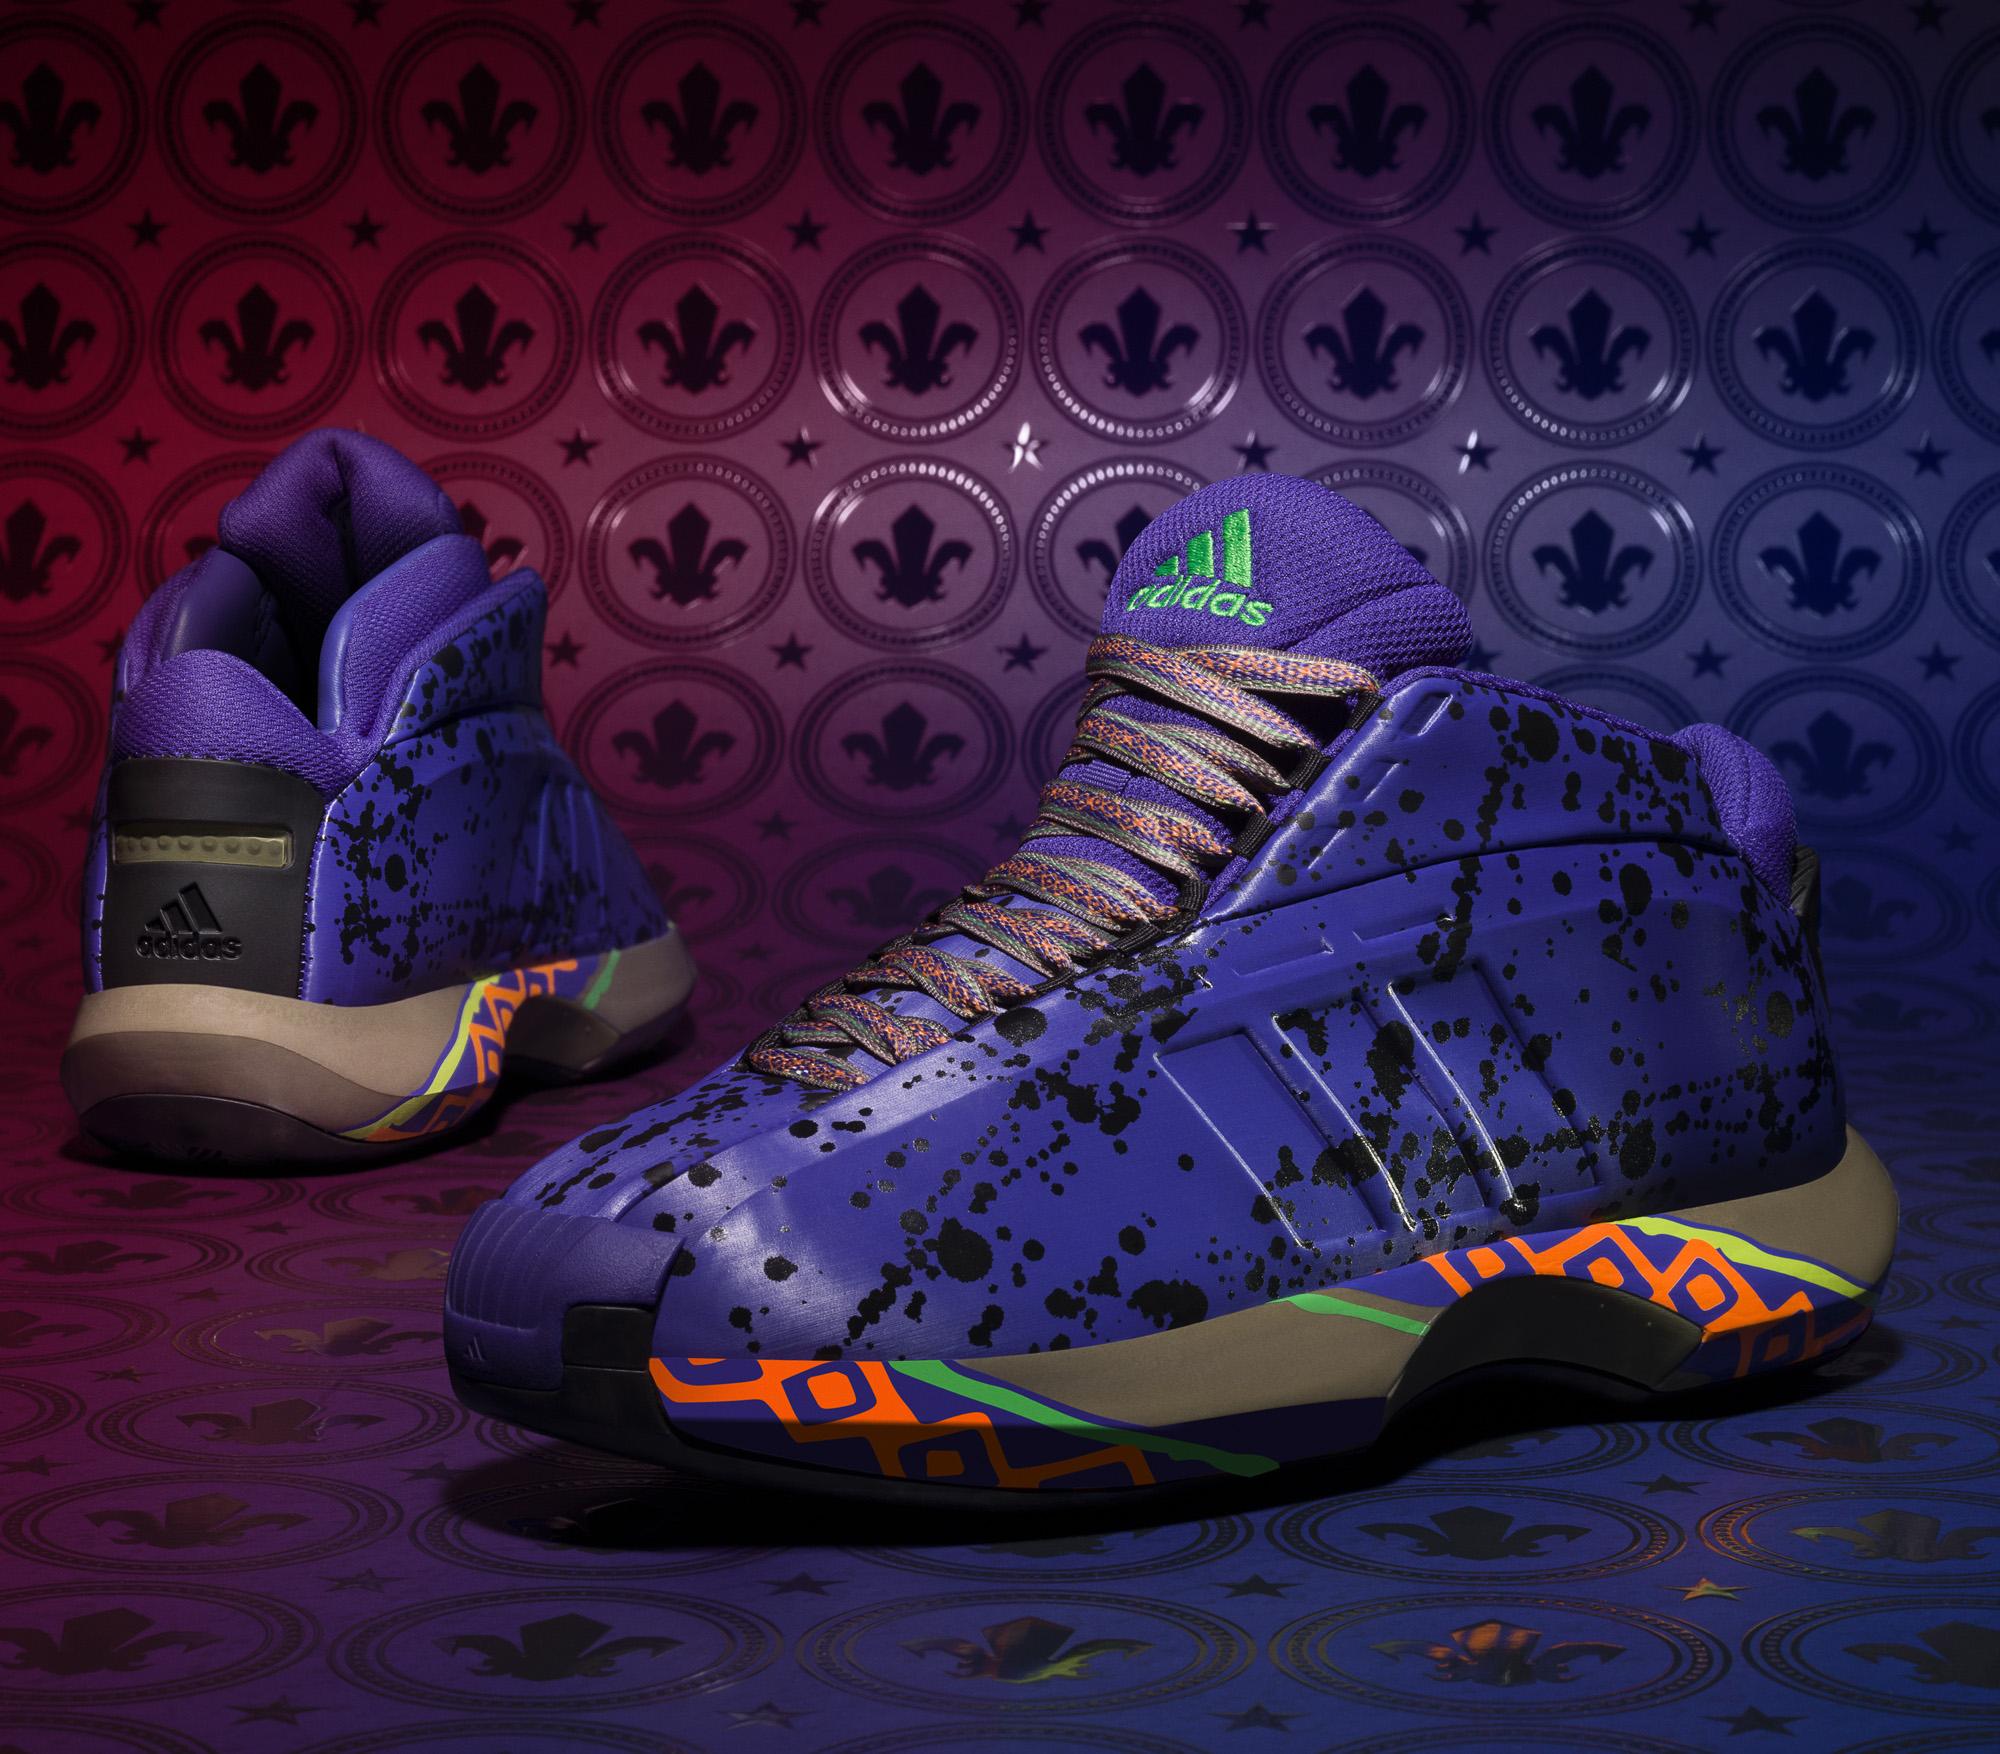 adidas-basketball-2014-nba-all-star-collection-4